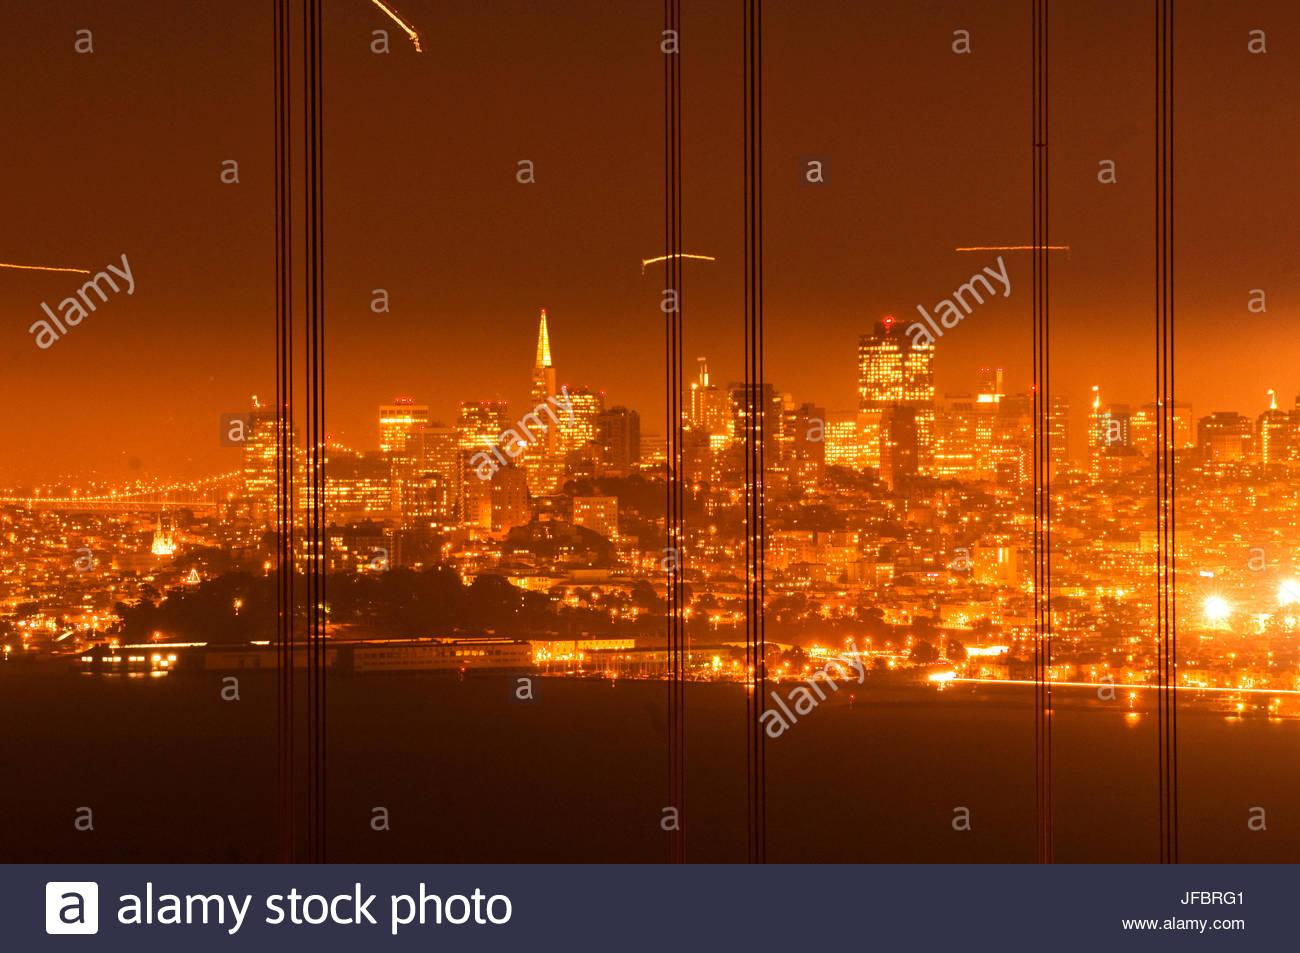 Le Golden Gate Bridge, peu après le coucher du soleil, le Marin Headlands. Photo Stock